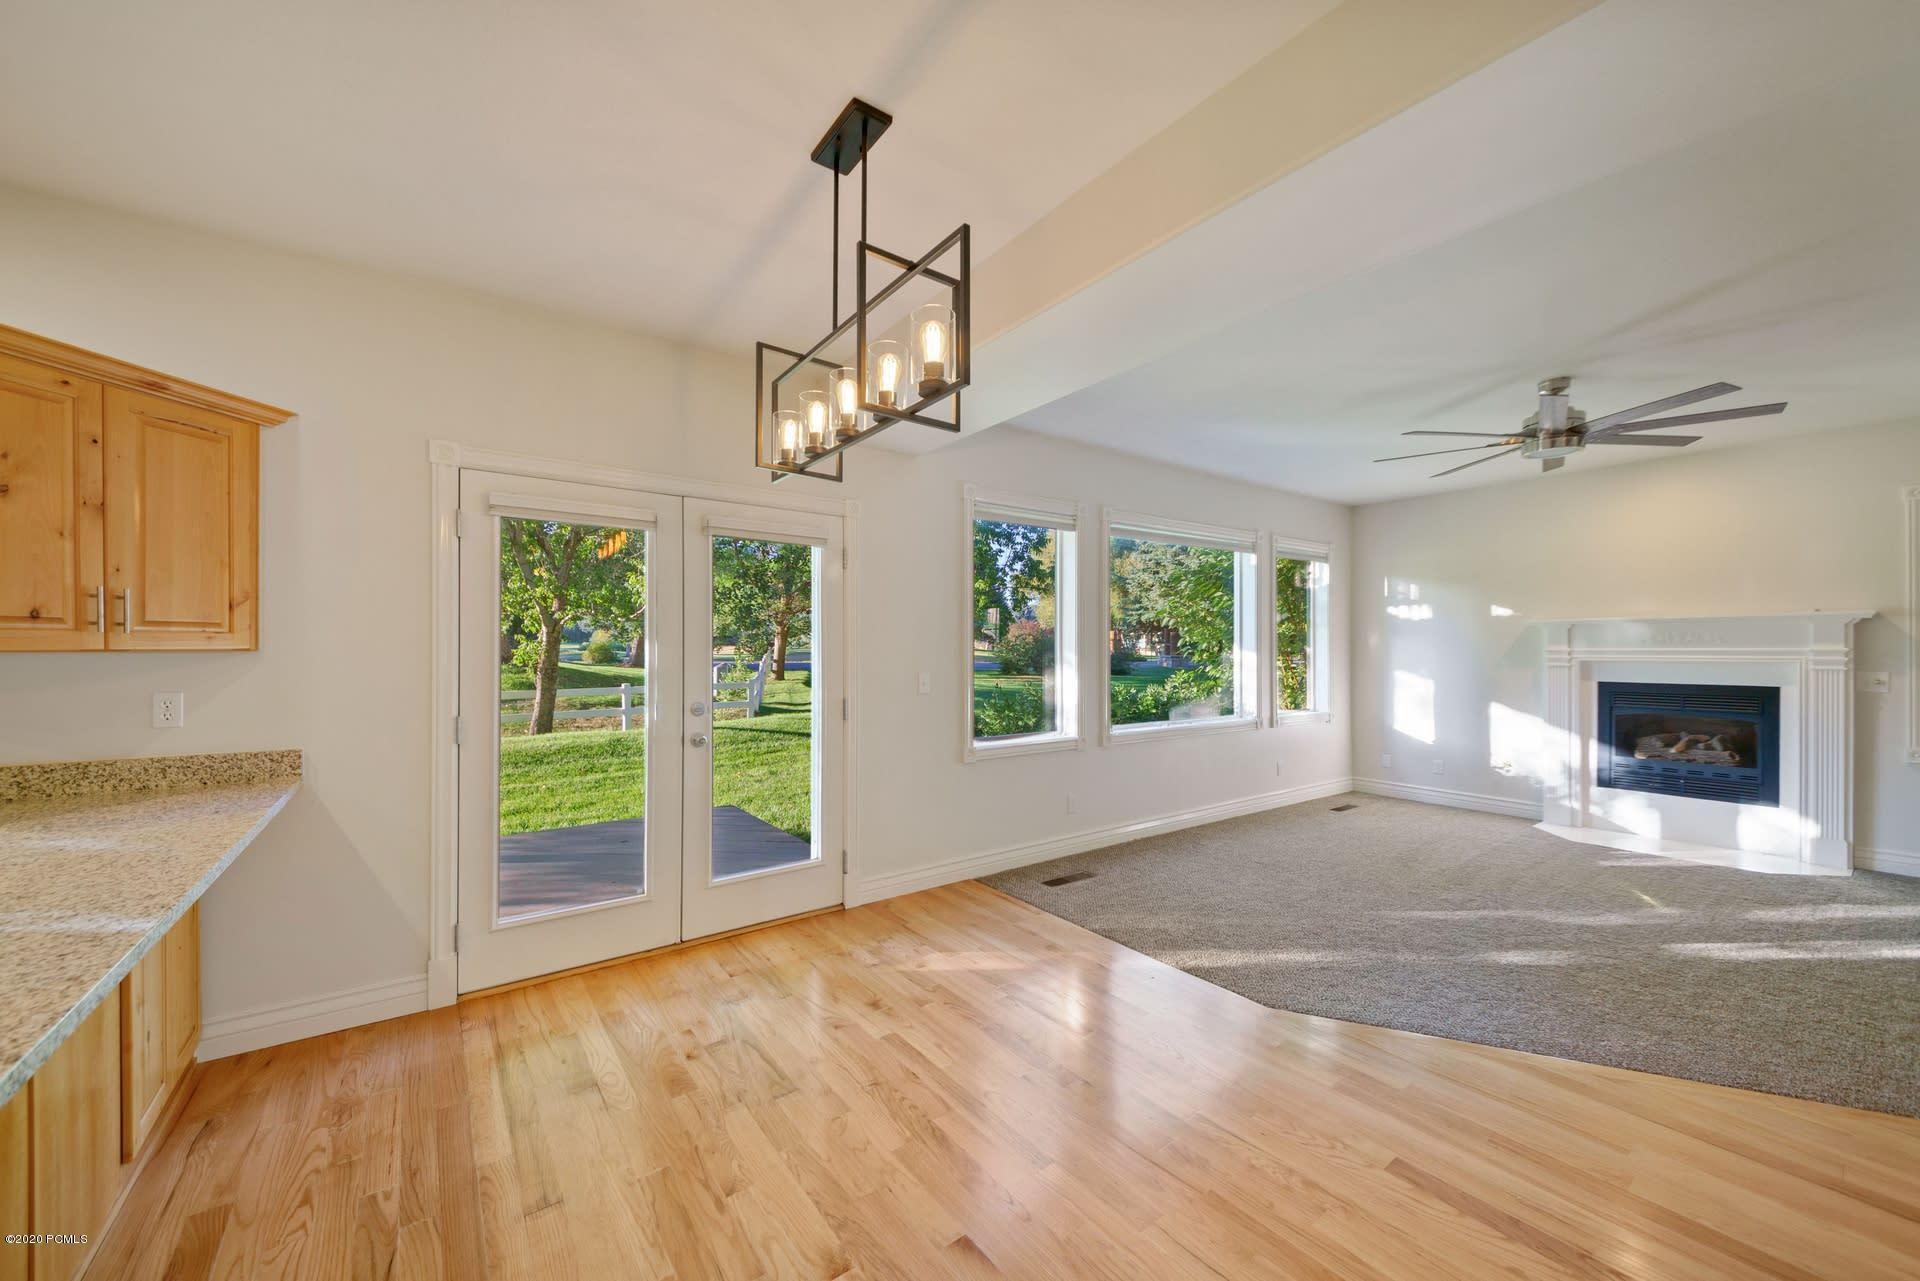 376 Cottage Creek Court, Midway, Utah 84049, 4 Bedrooms Bedrooms, ,3 BathroomsBathrooms,Condominium,For Sale,Cottage Creek,12002733